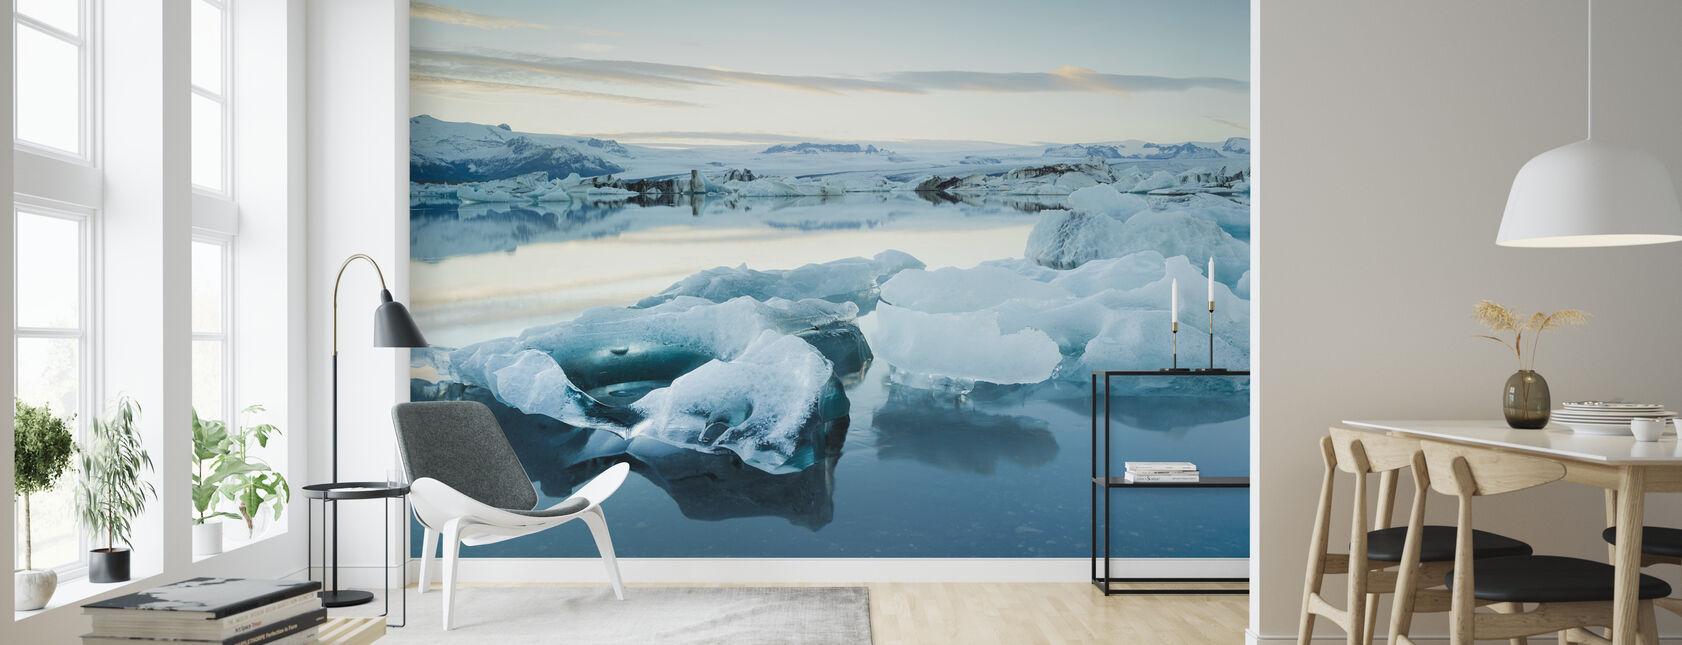 Skulpturales Eis - Tapete - Wohnzimmer